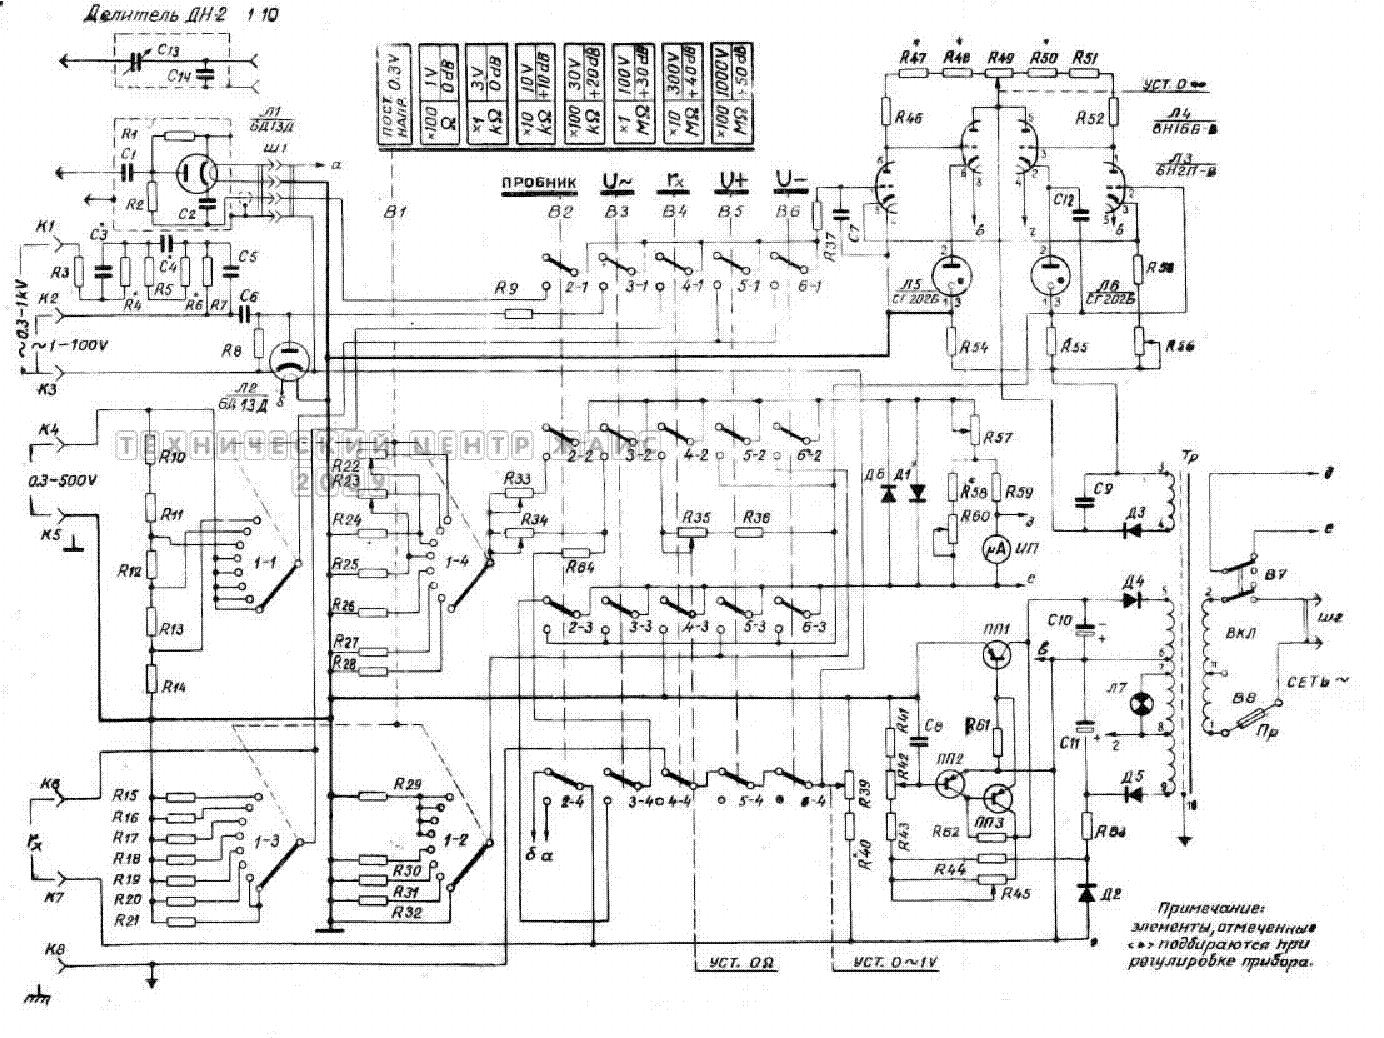 Orosz Ussr Vk7 9 Voltmeter Sch Service Manual Download Schematics Schematic 1st Page